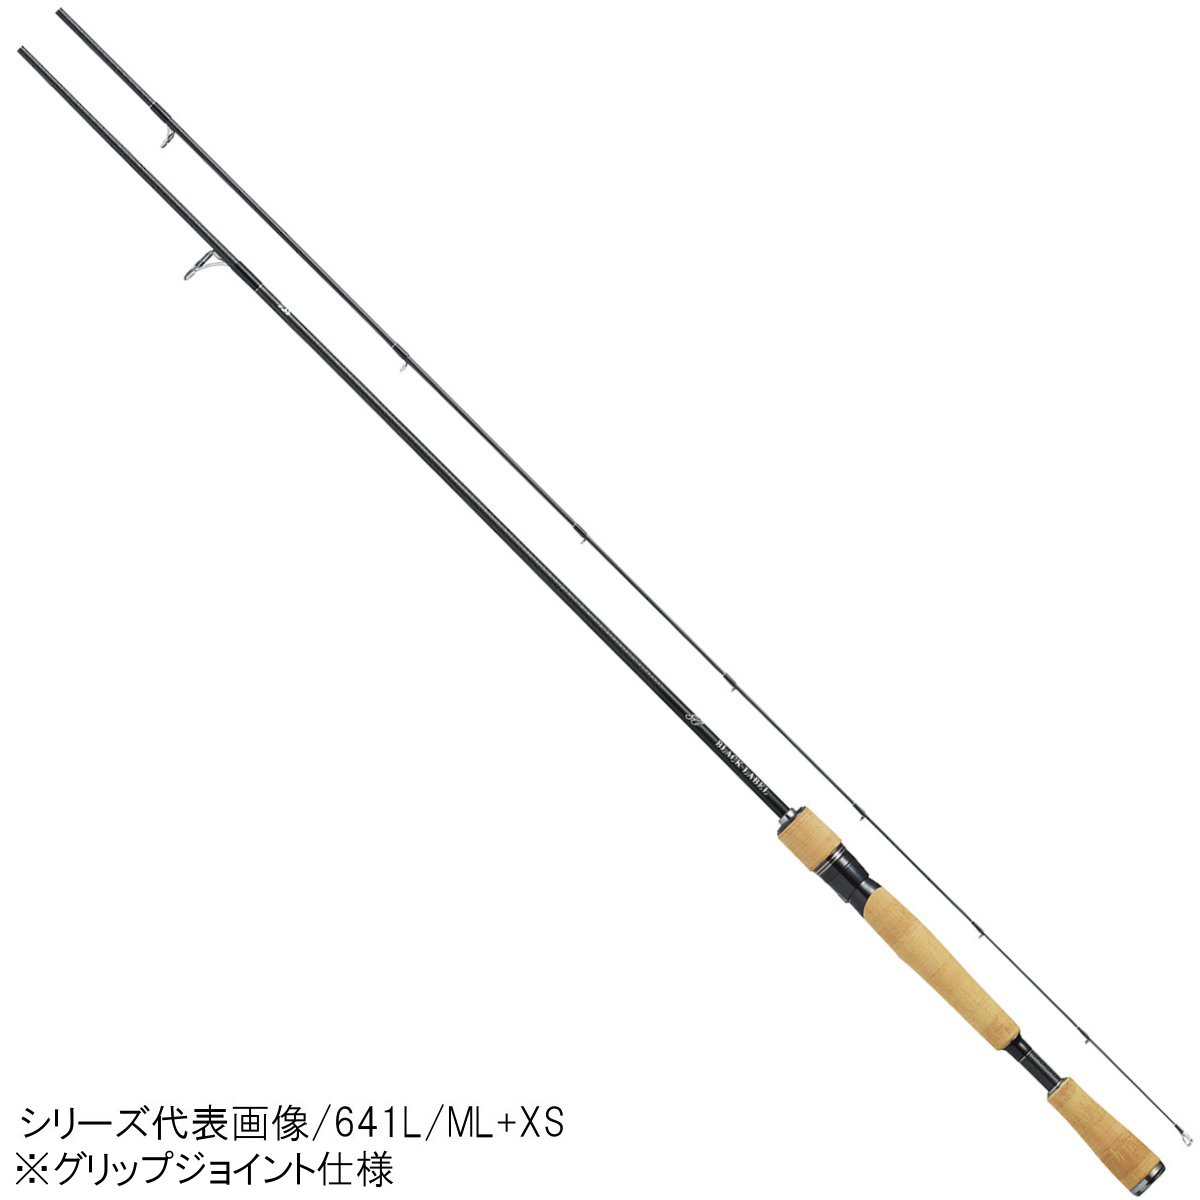 ダイワ ブラックレーベル SG(スピニングモデル) 681L/MLXS-ST【大型商品】(東日本店)